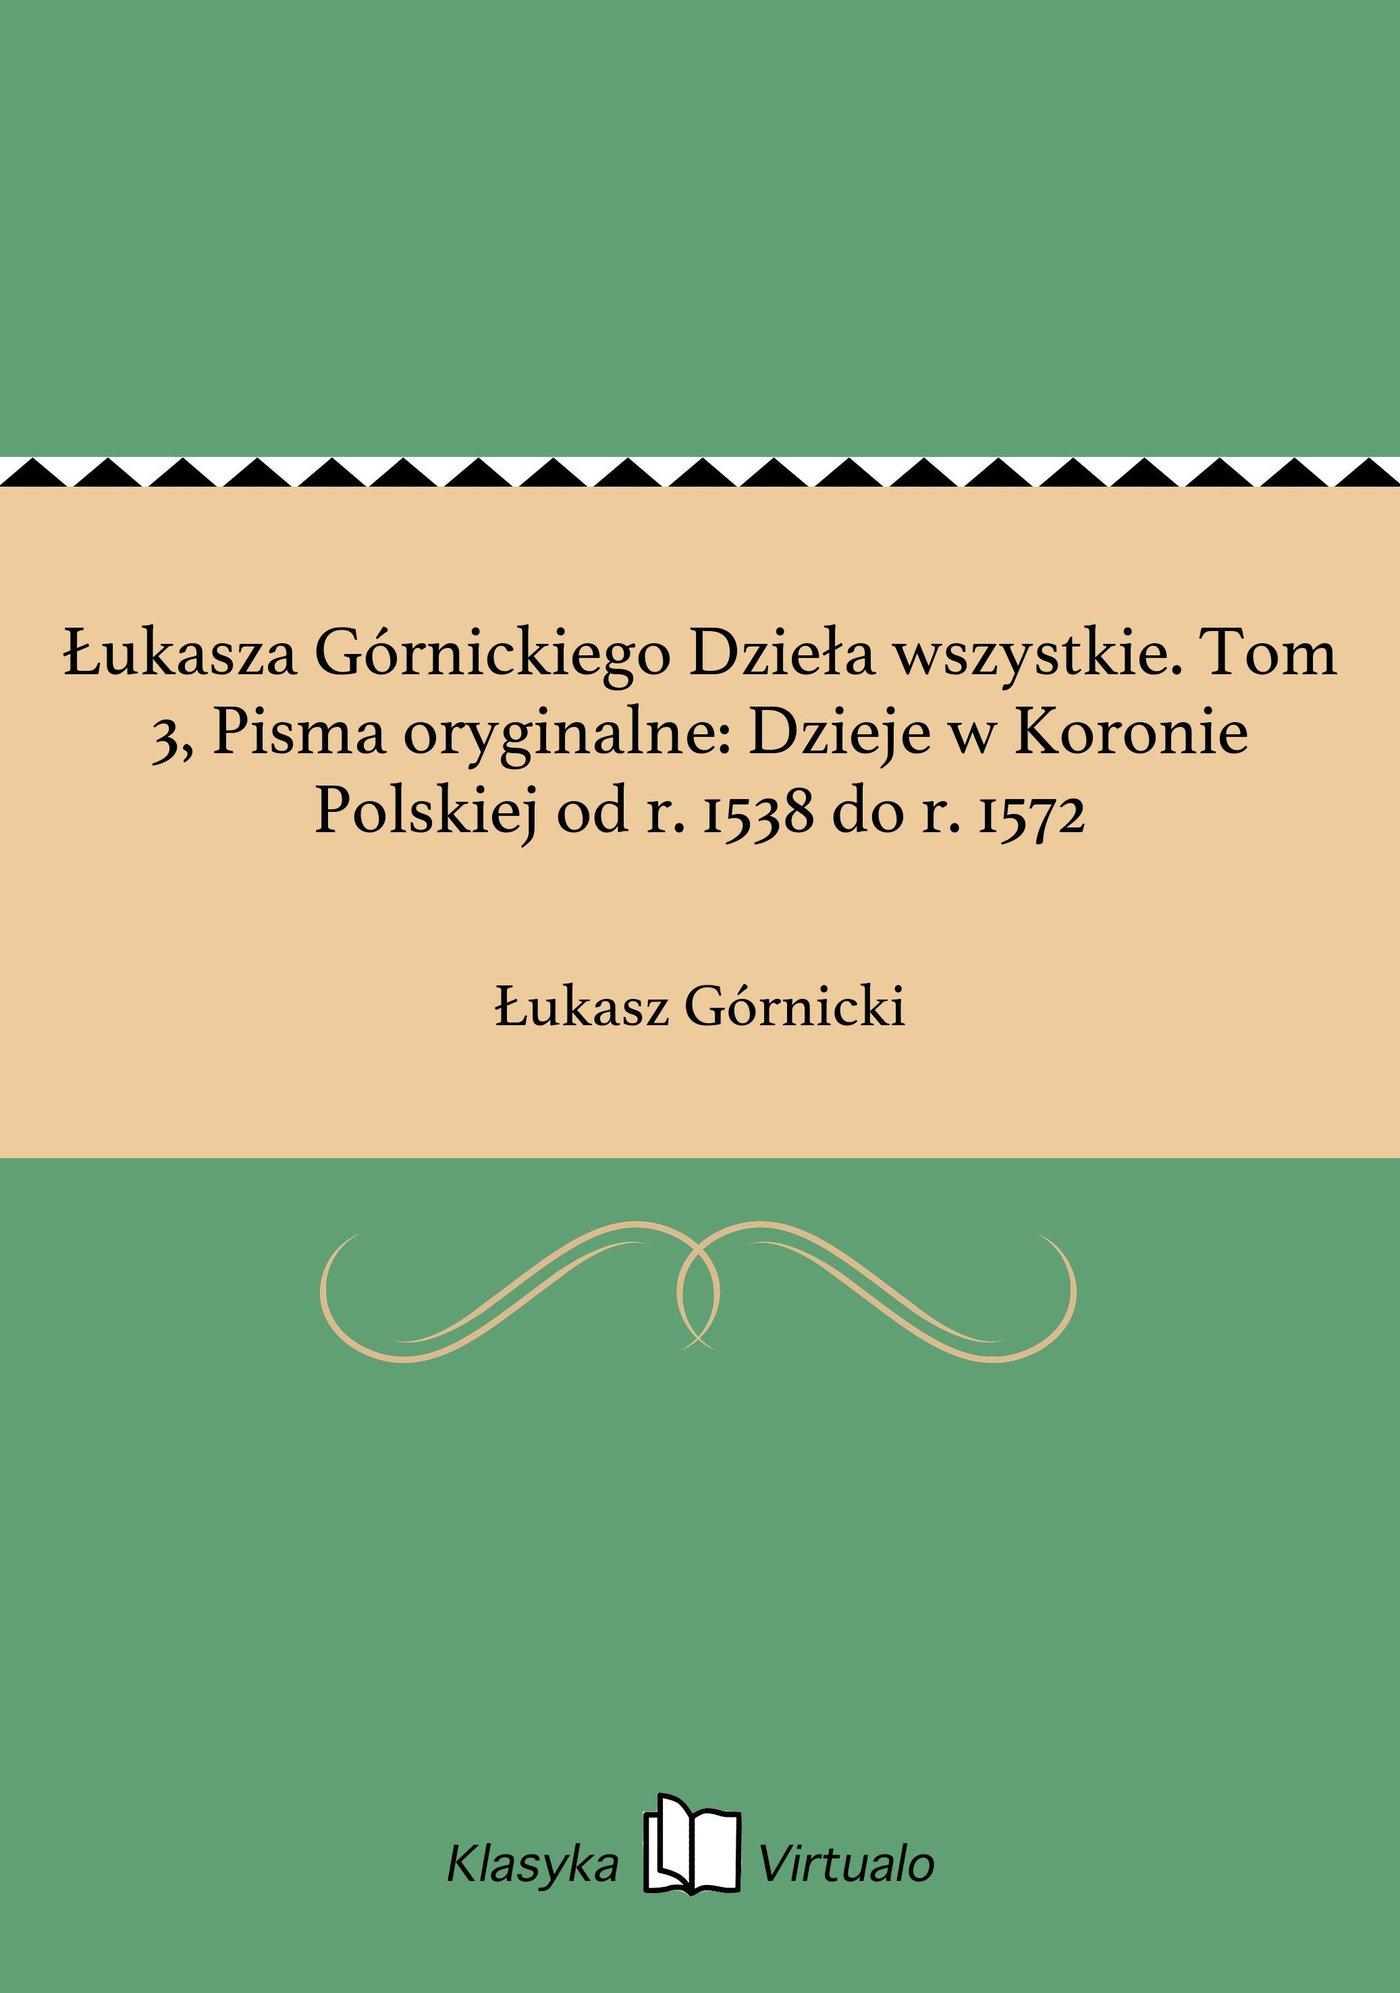 Łukasza Górnickiego Dzieła wszystkie. Tom 3, Pisma oryginalne: Dzieje w Koronie Polskiej od r. 1538 do r. 1572 - Ebook (Książka EPUB) do pobrania w formacie EPUB